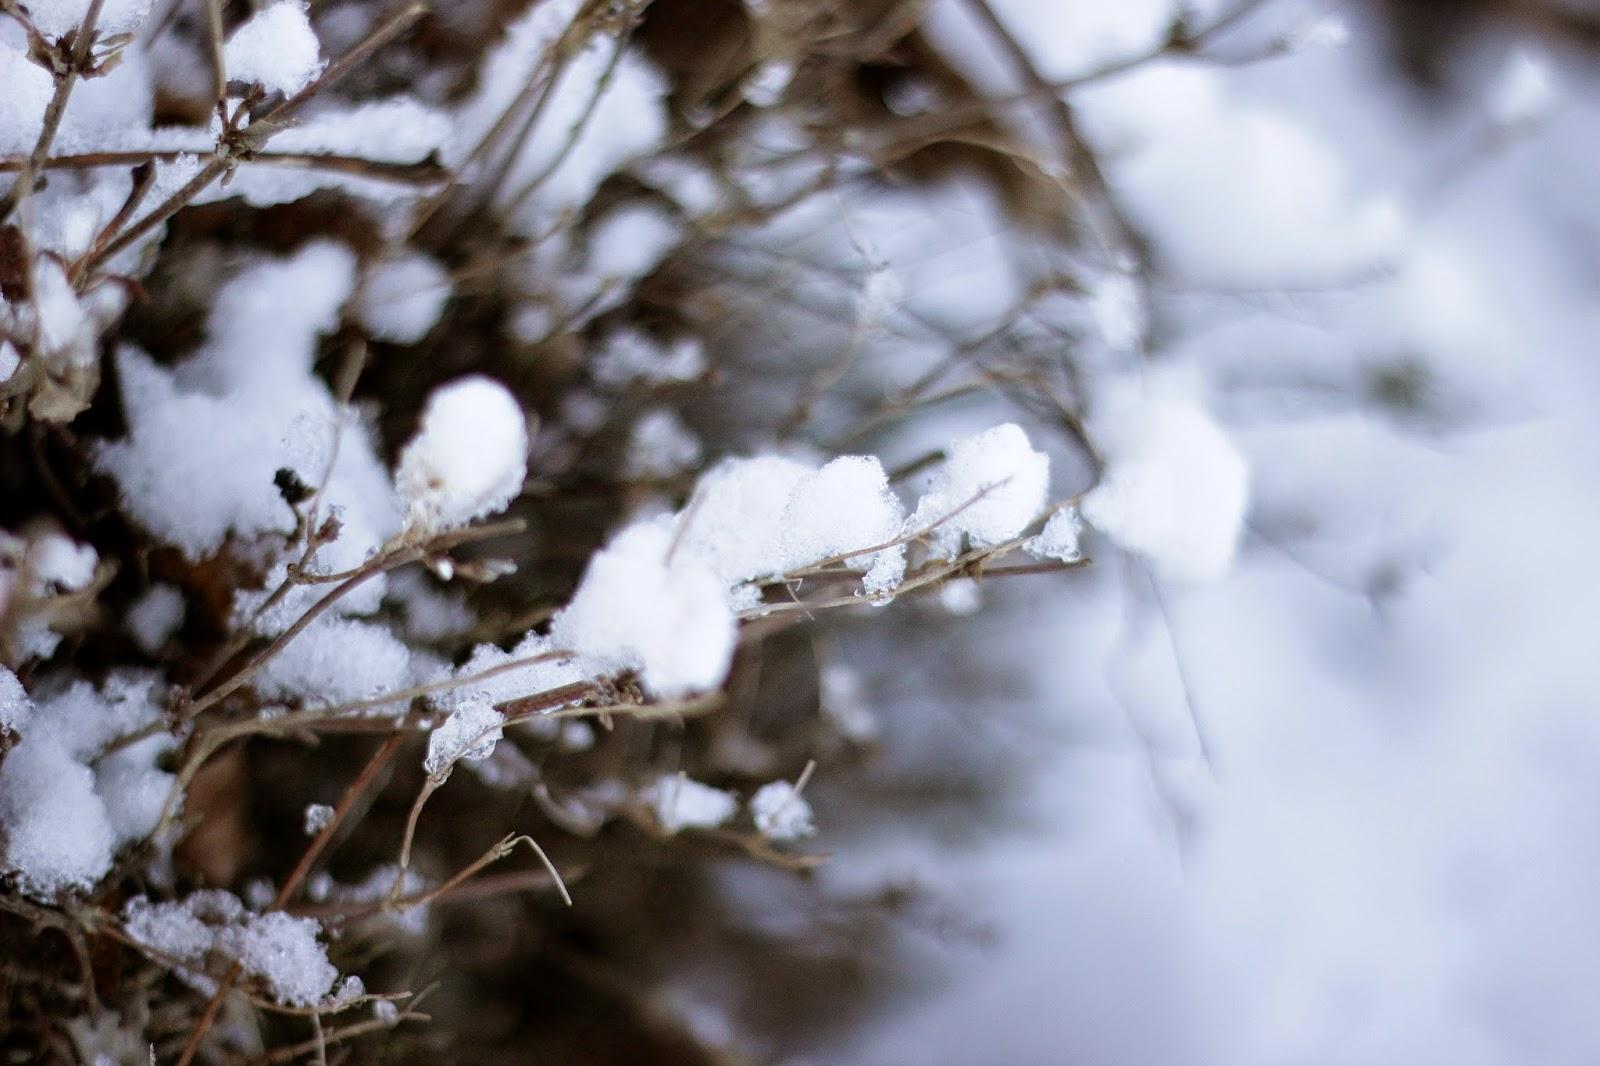 fotografie sneeuw